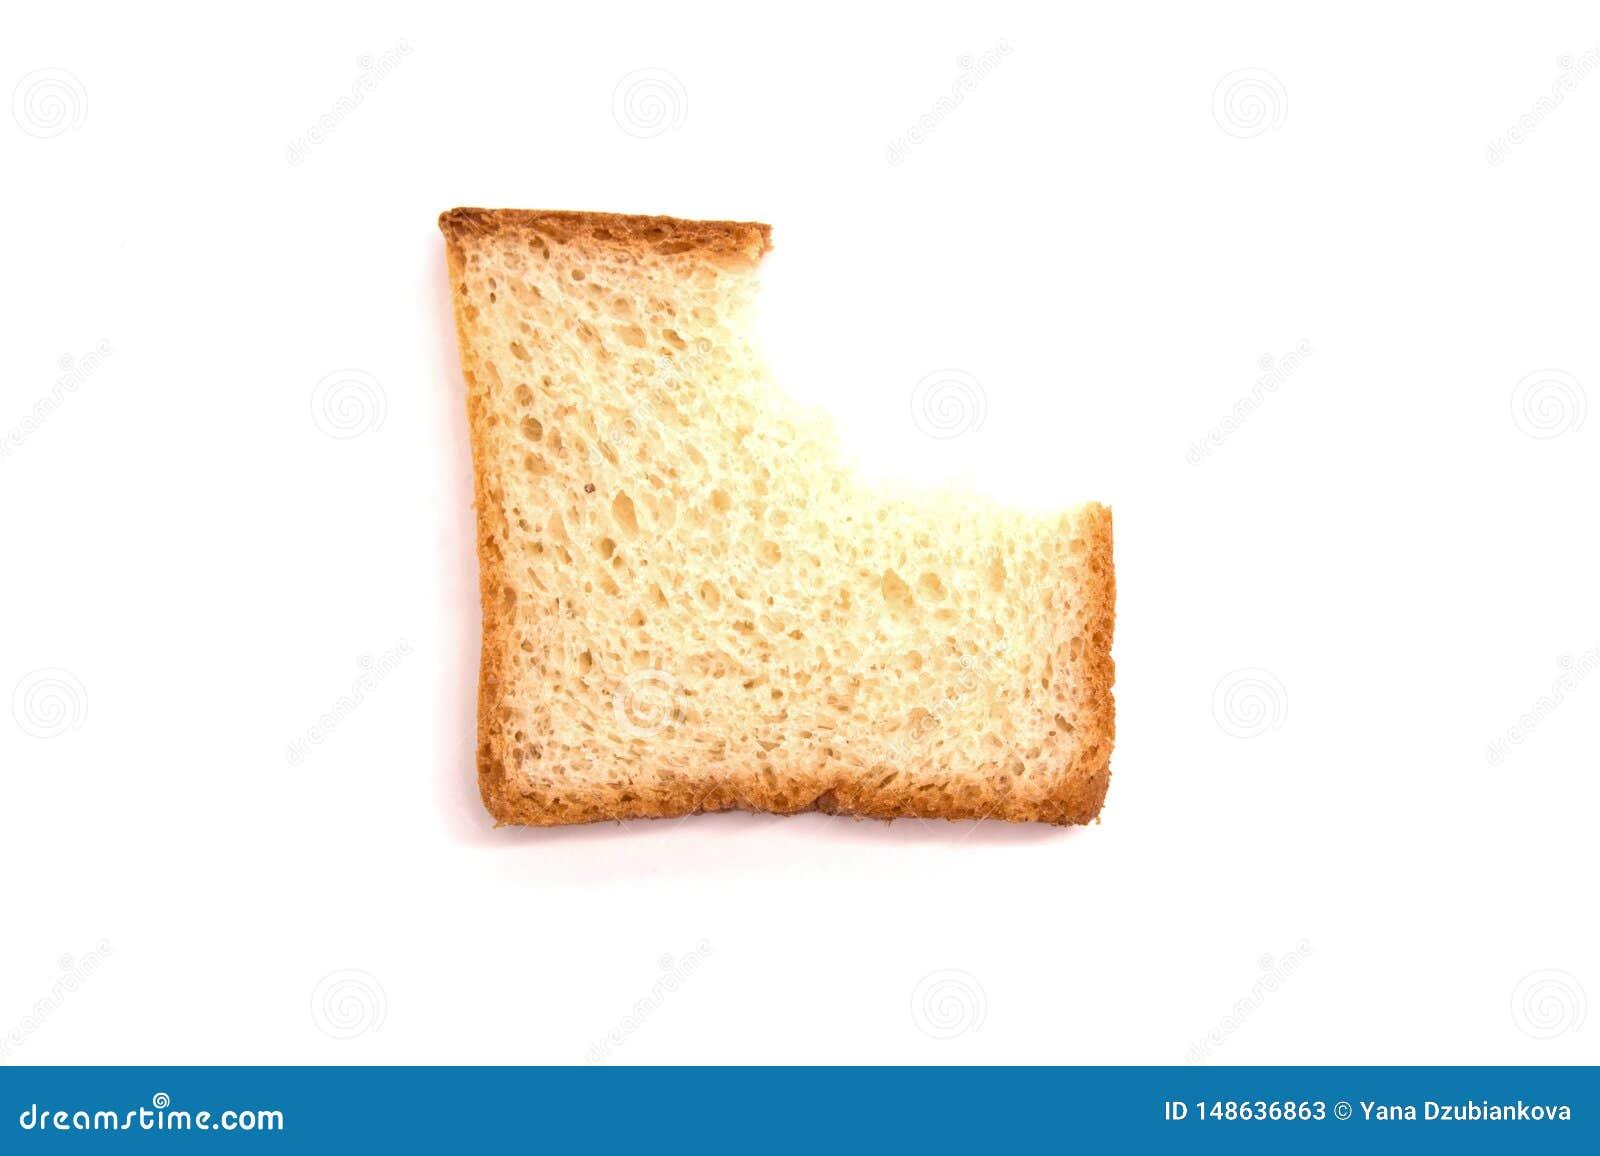 Una pieza del pan blanco de la tostada mordido en el fondo blanco